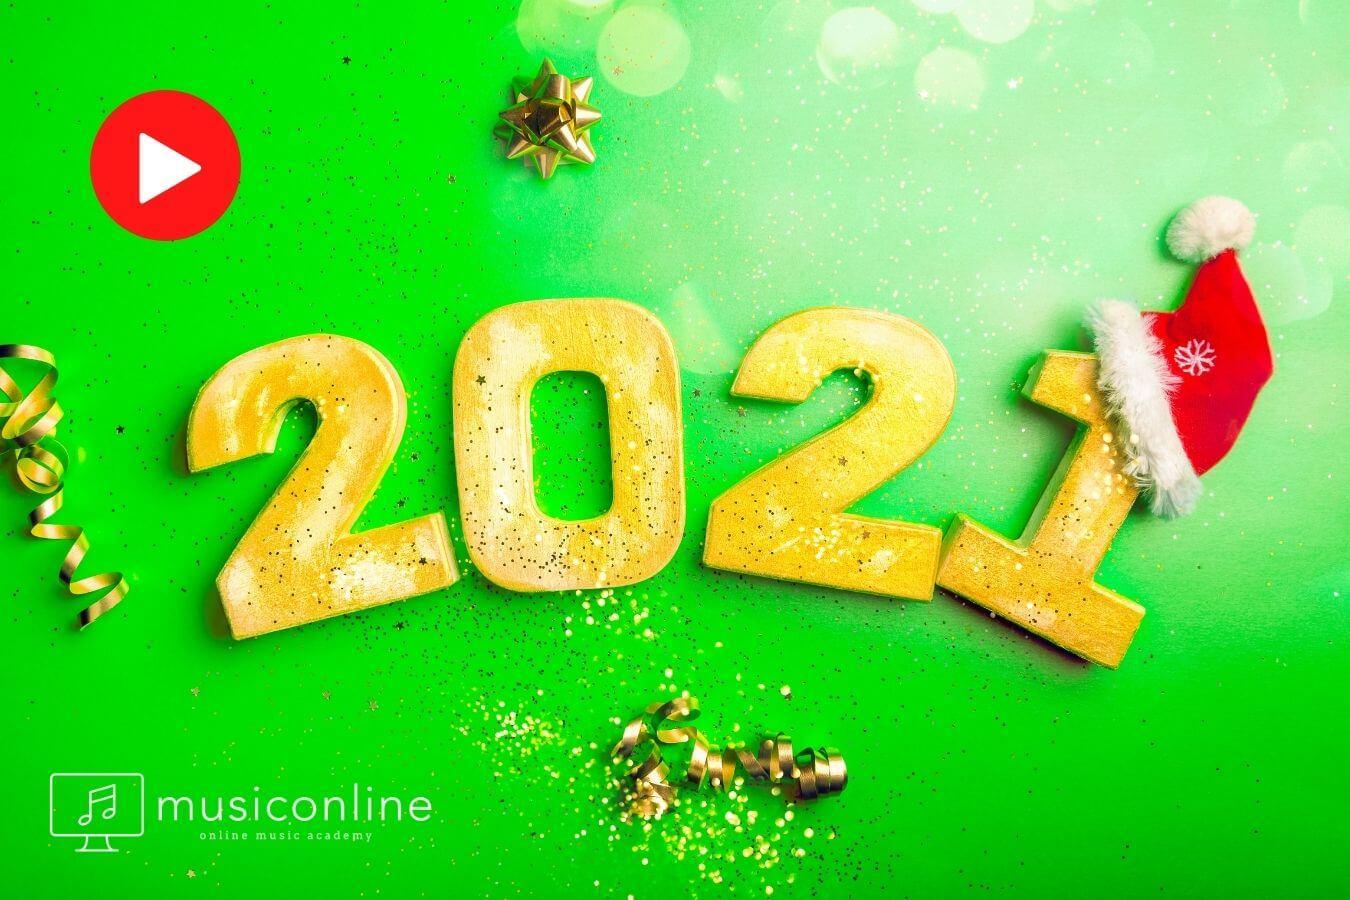 New Year's Music